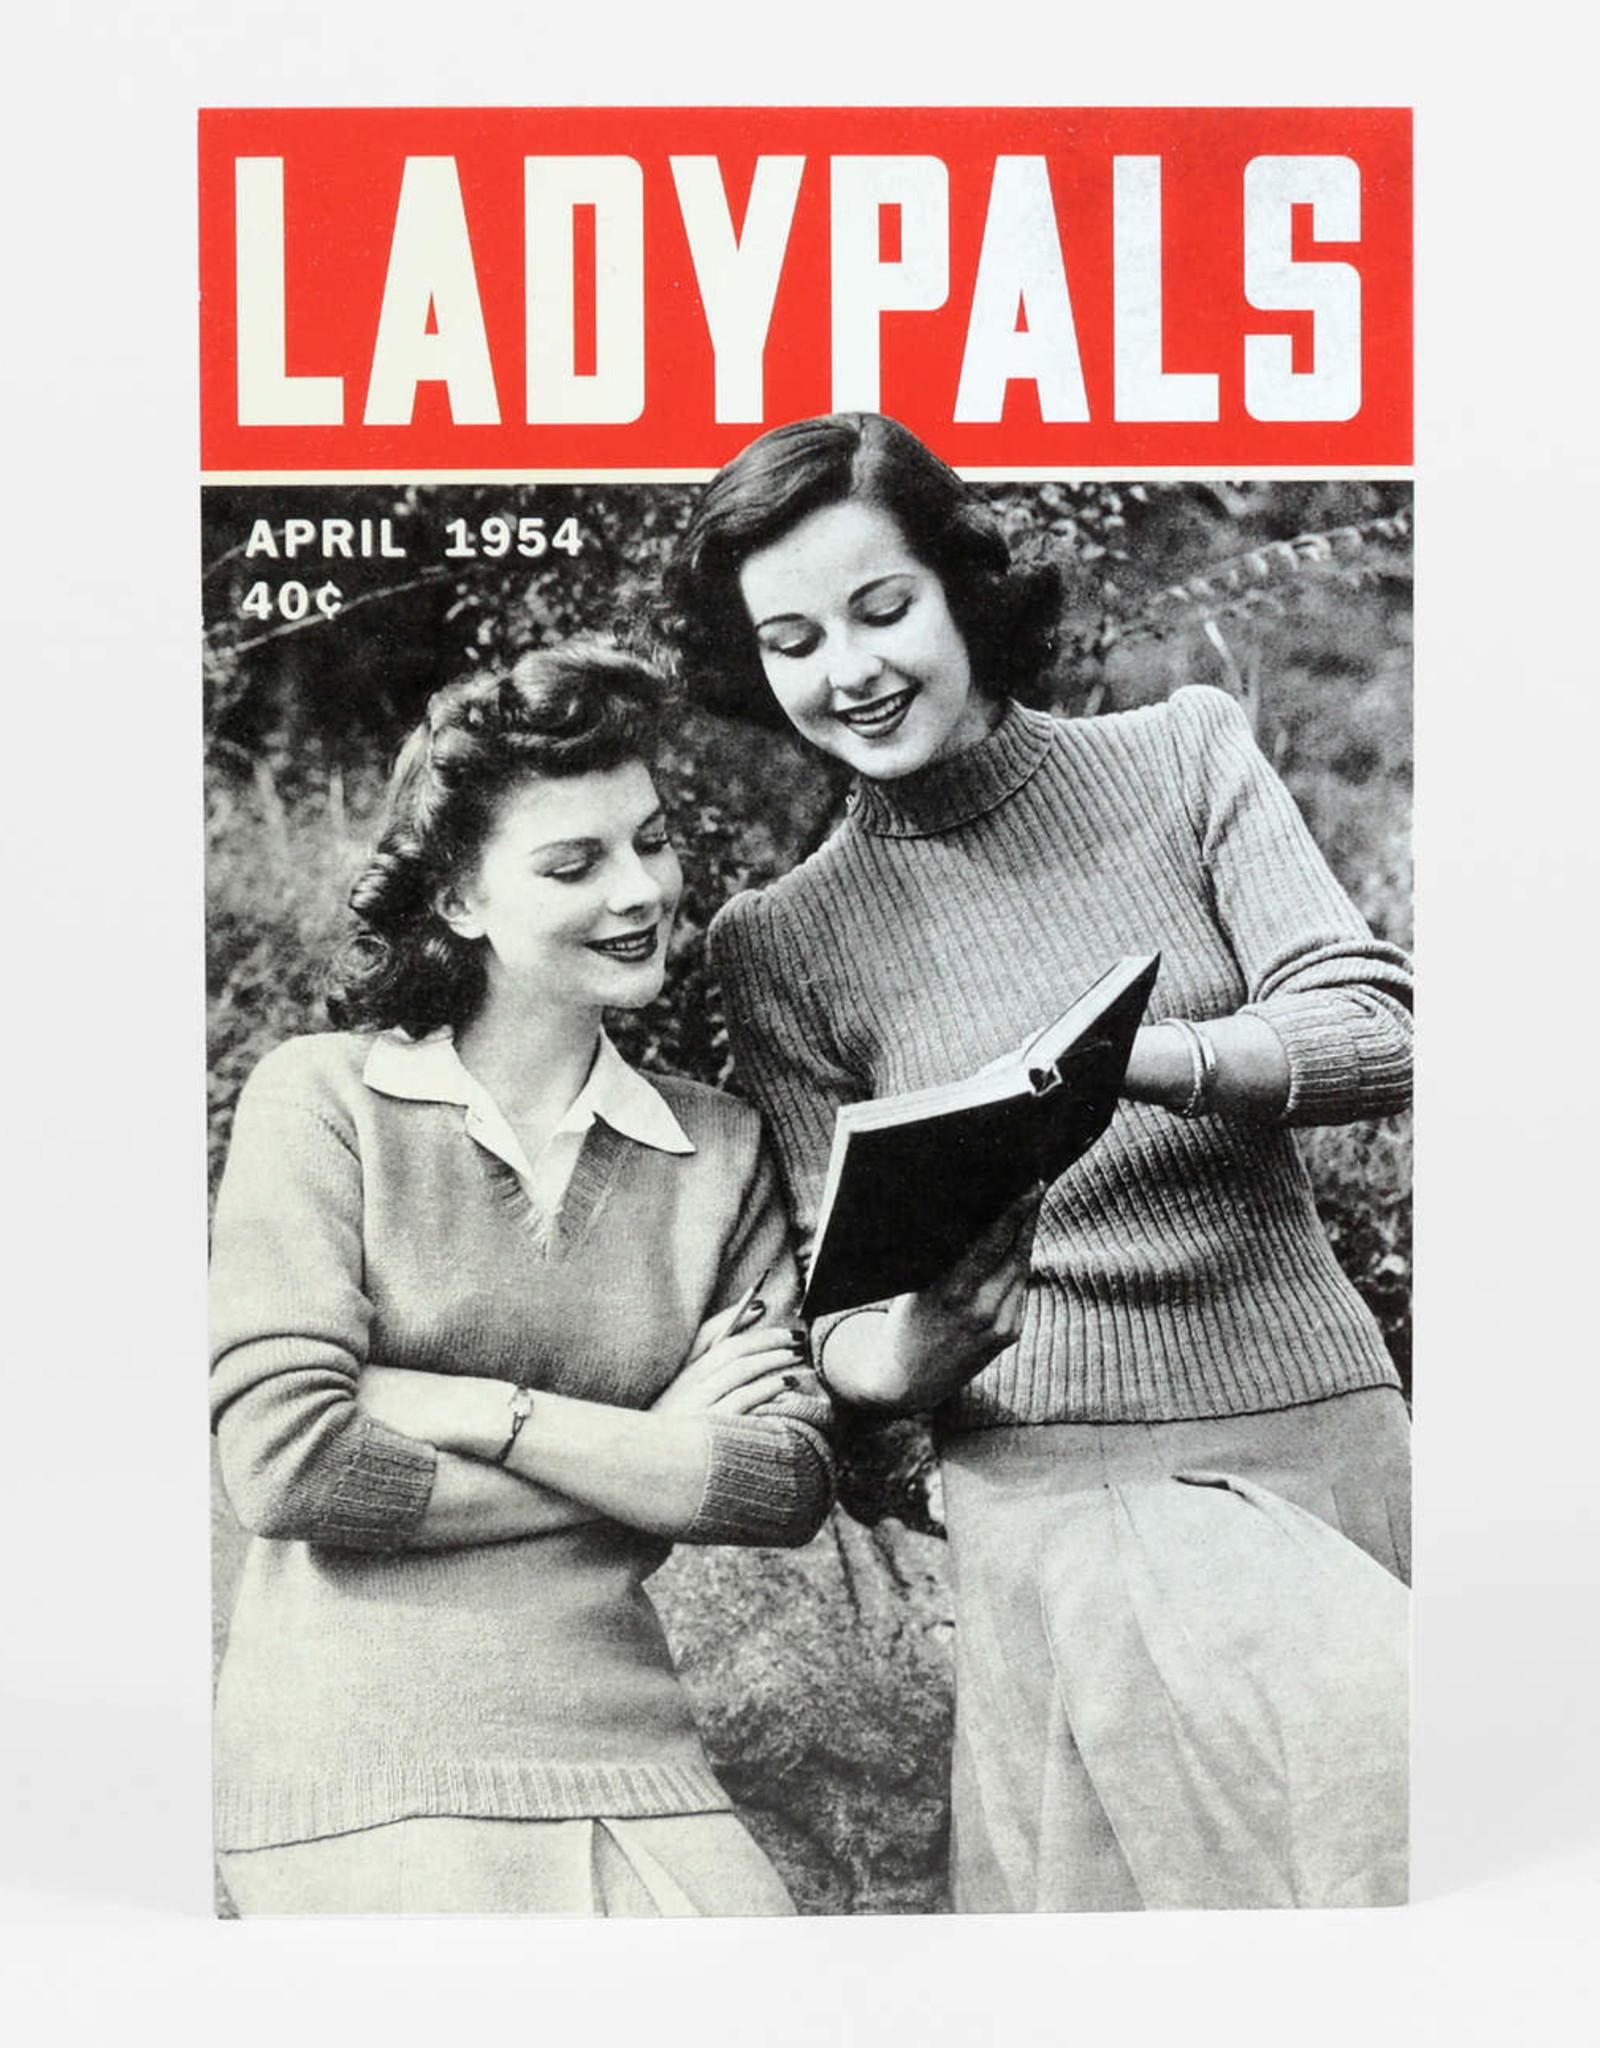 Sean Tejaratchi Ladypals 1954 Postcard, by Sean Tejaratchi